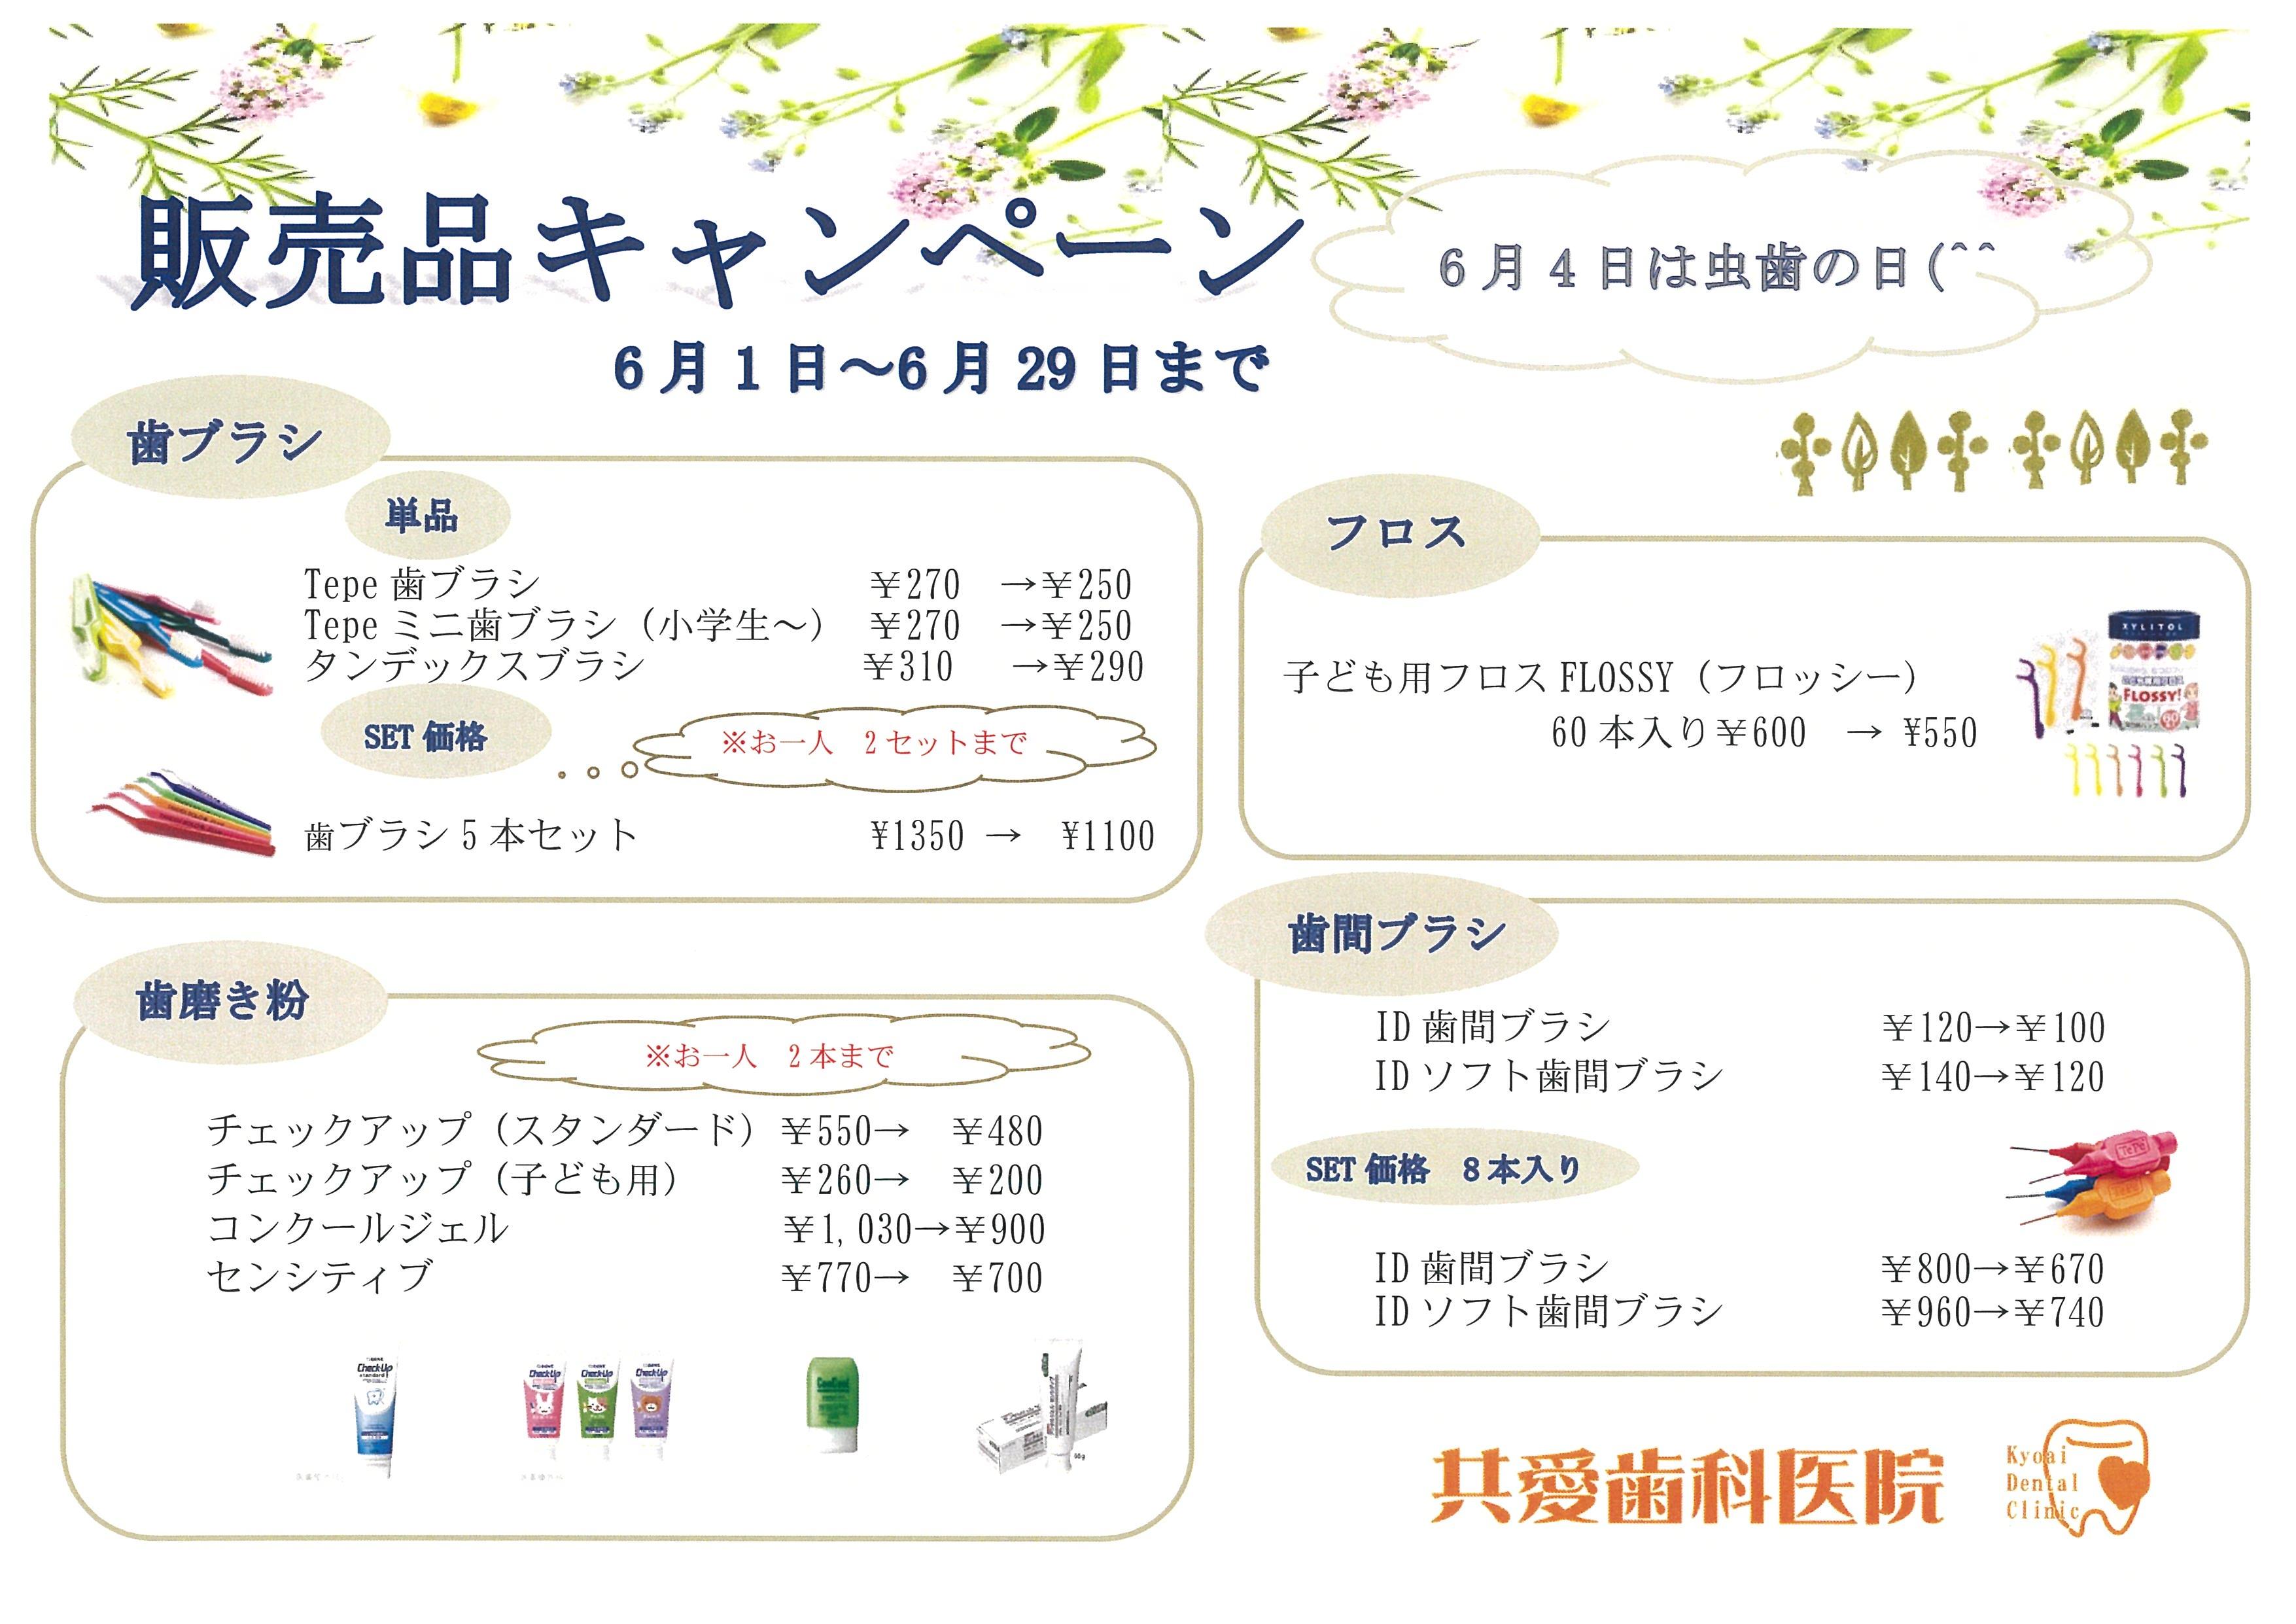 6月は歯ブラシキャンペーンを行います